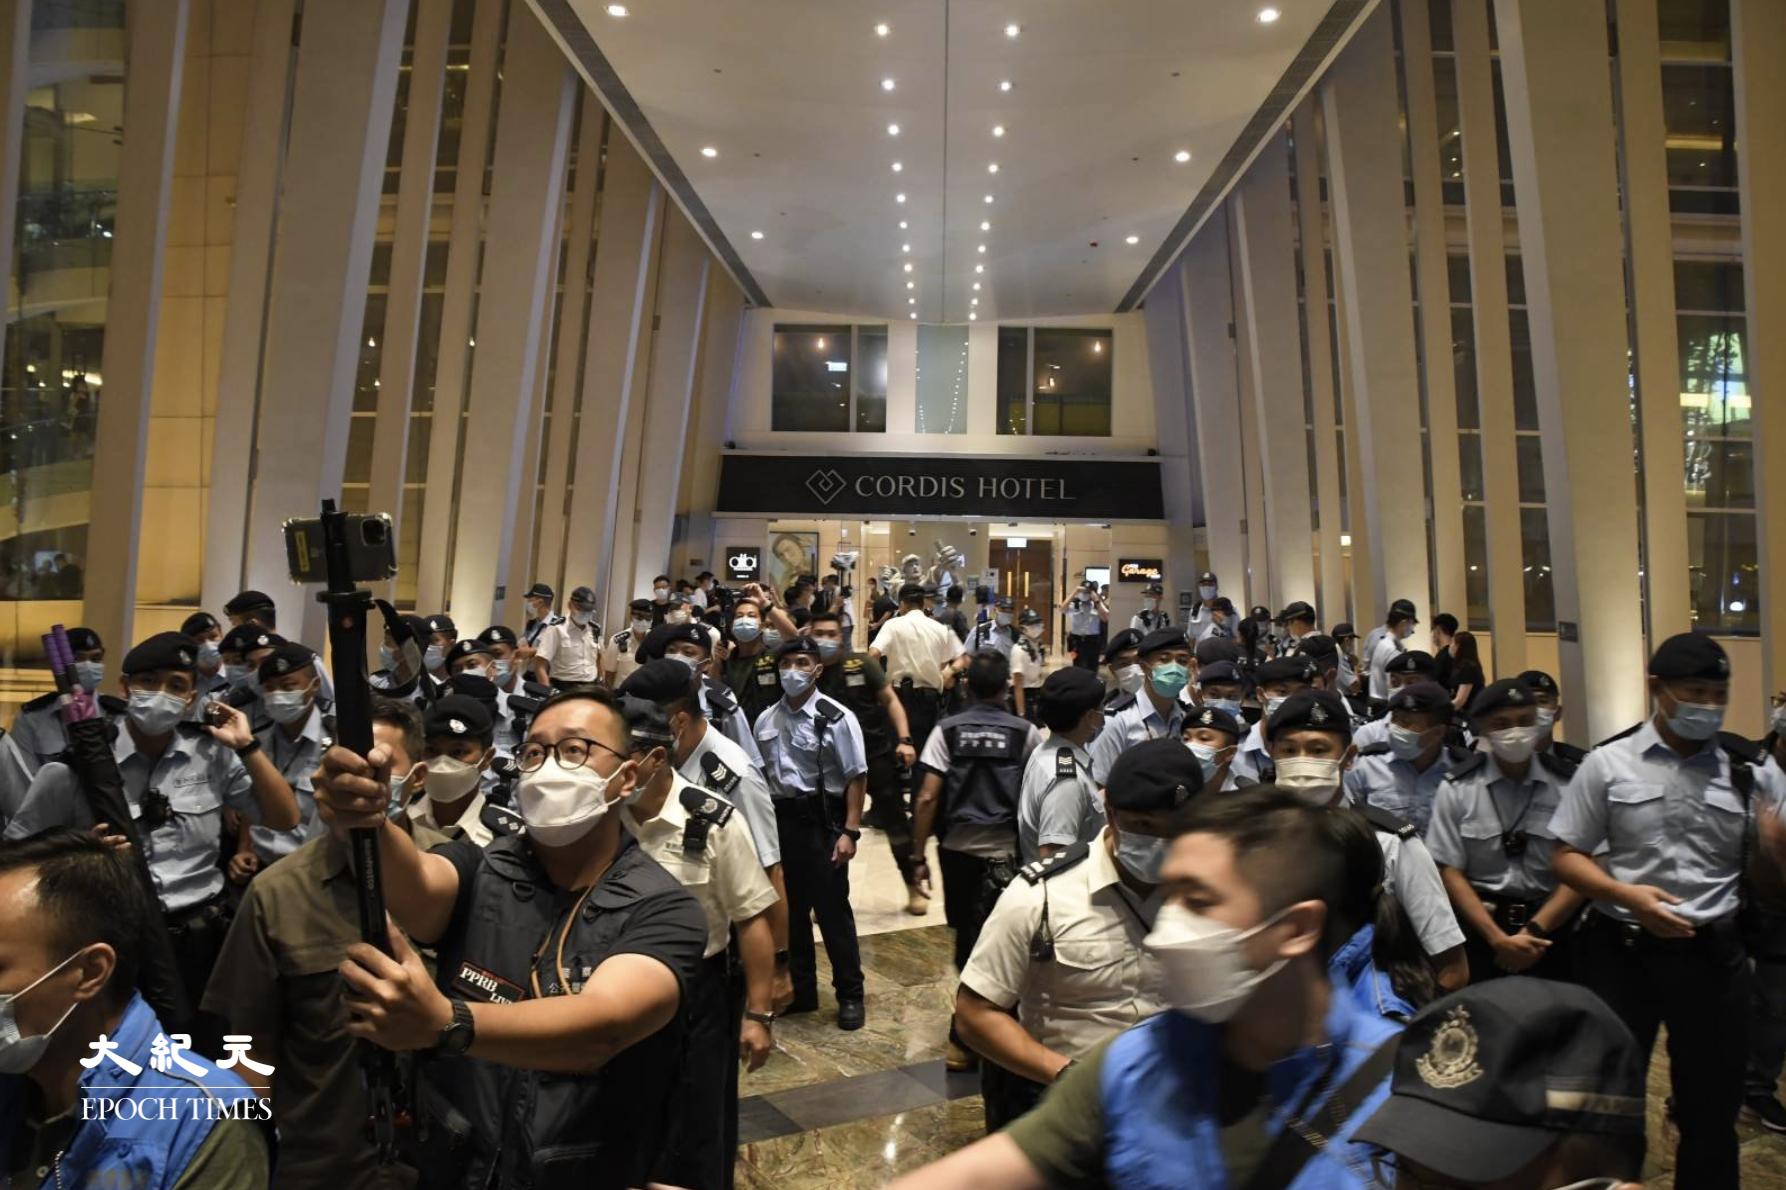 【612兩周年】數百警察包圍朗豪坊 疑有人商場內唱《榮光》【組圖】